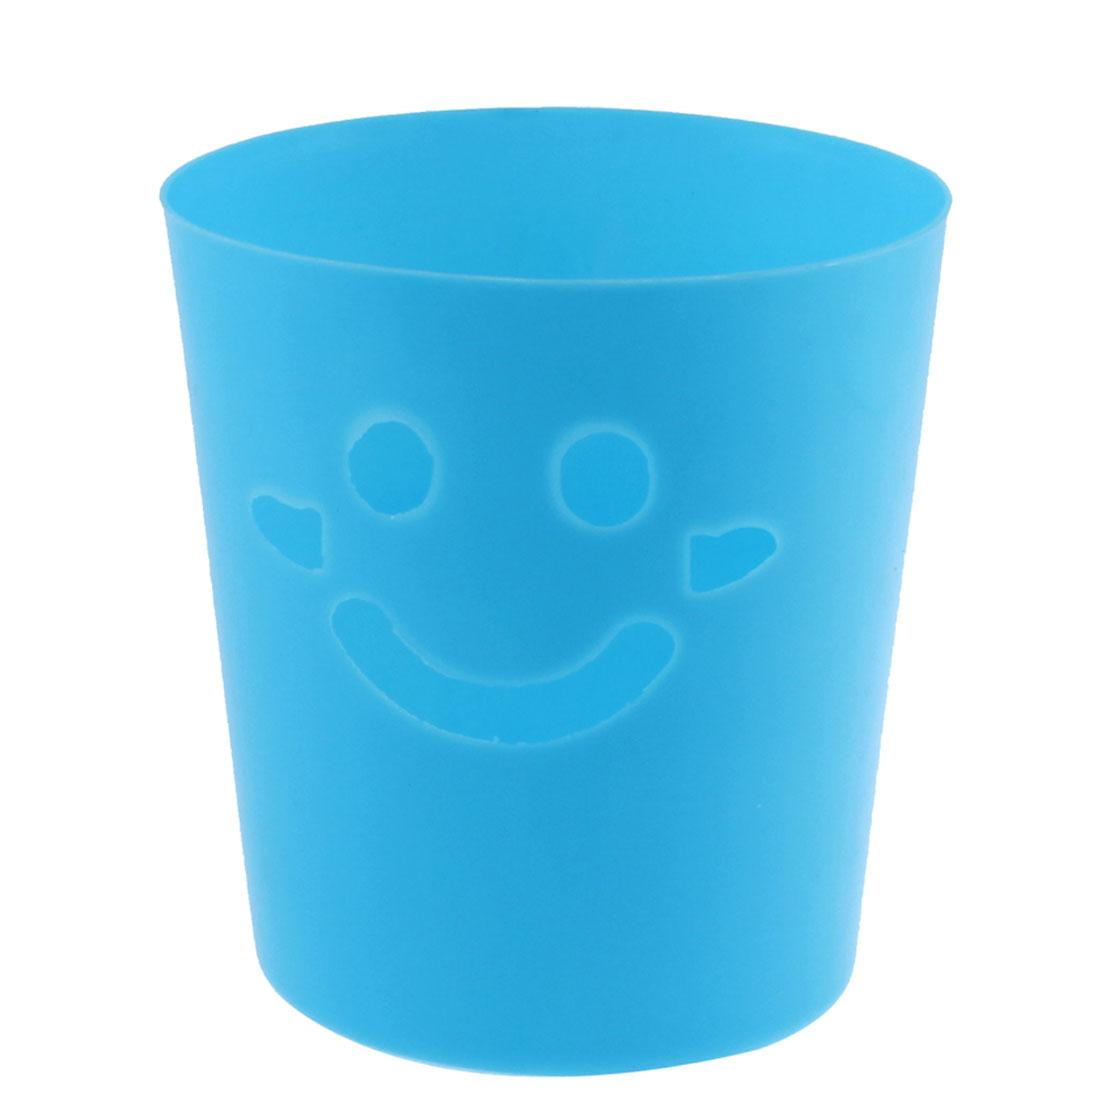 Desktop Smiling Face Design Mini Litter Trash Can Storage Bucket Blue